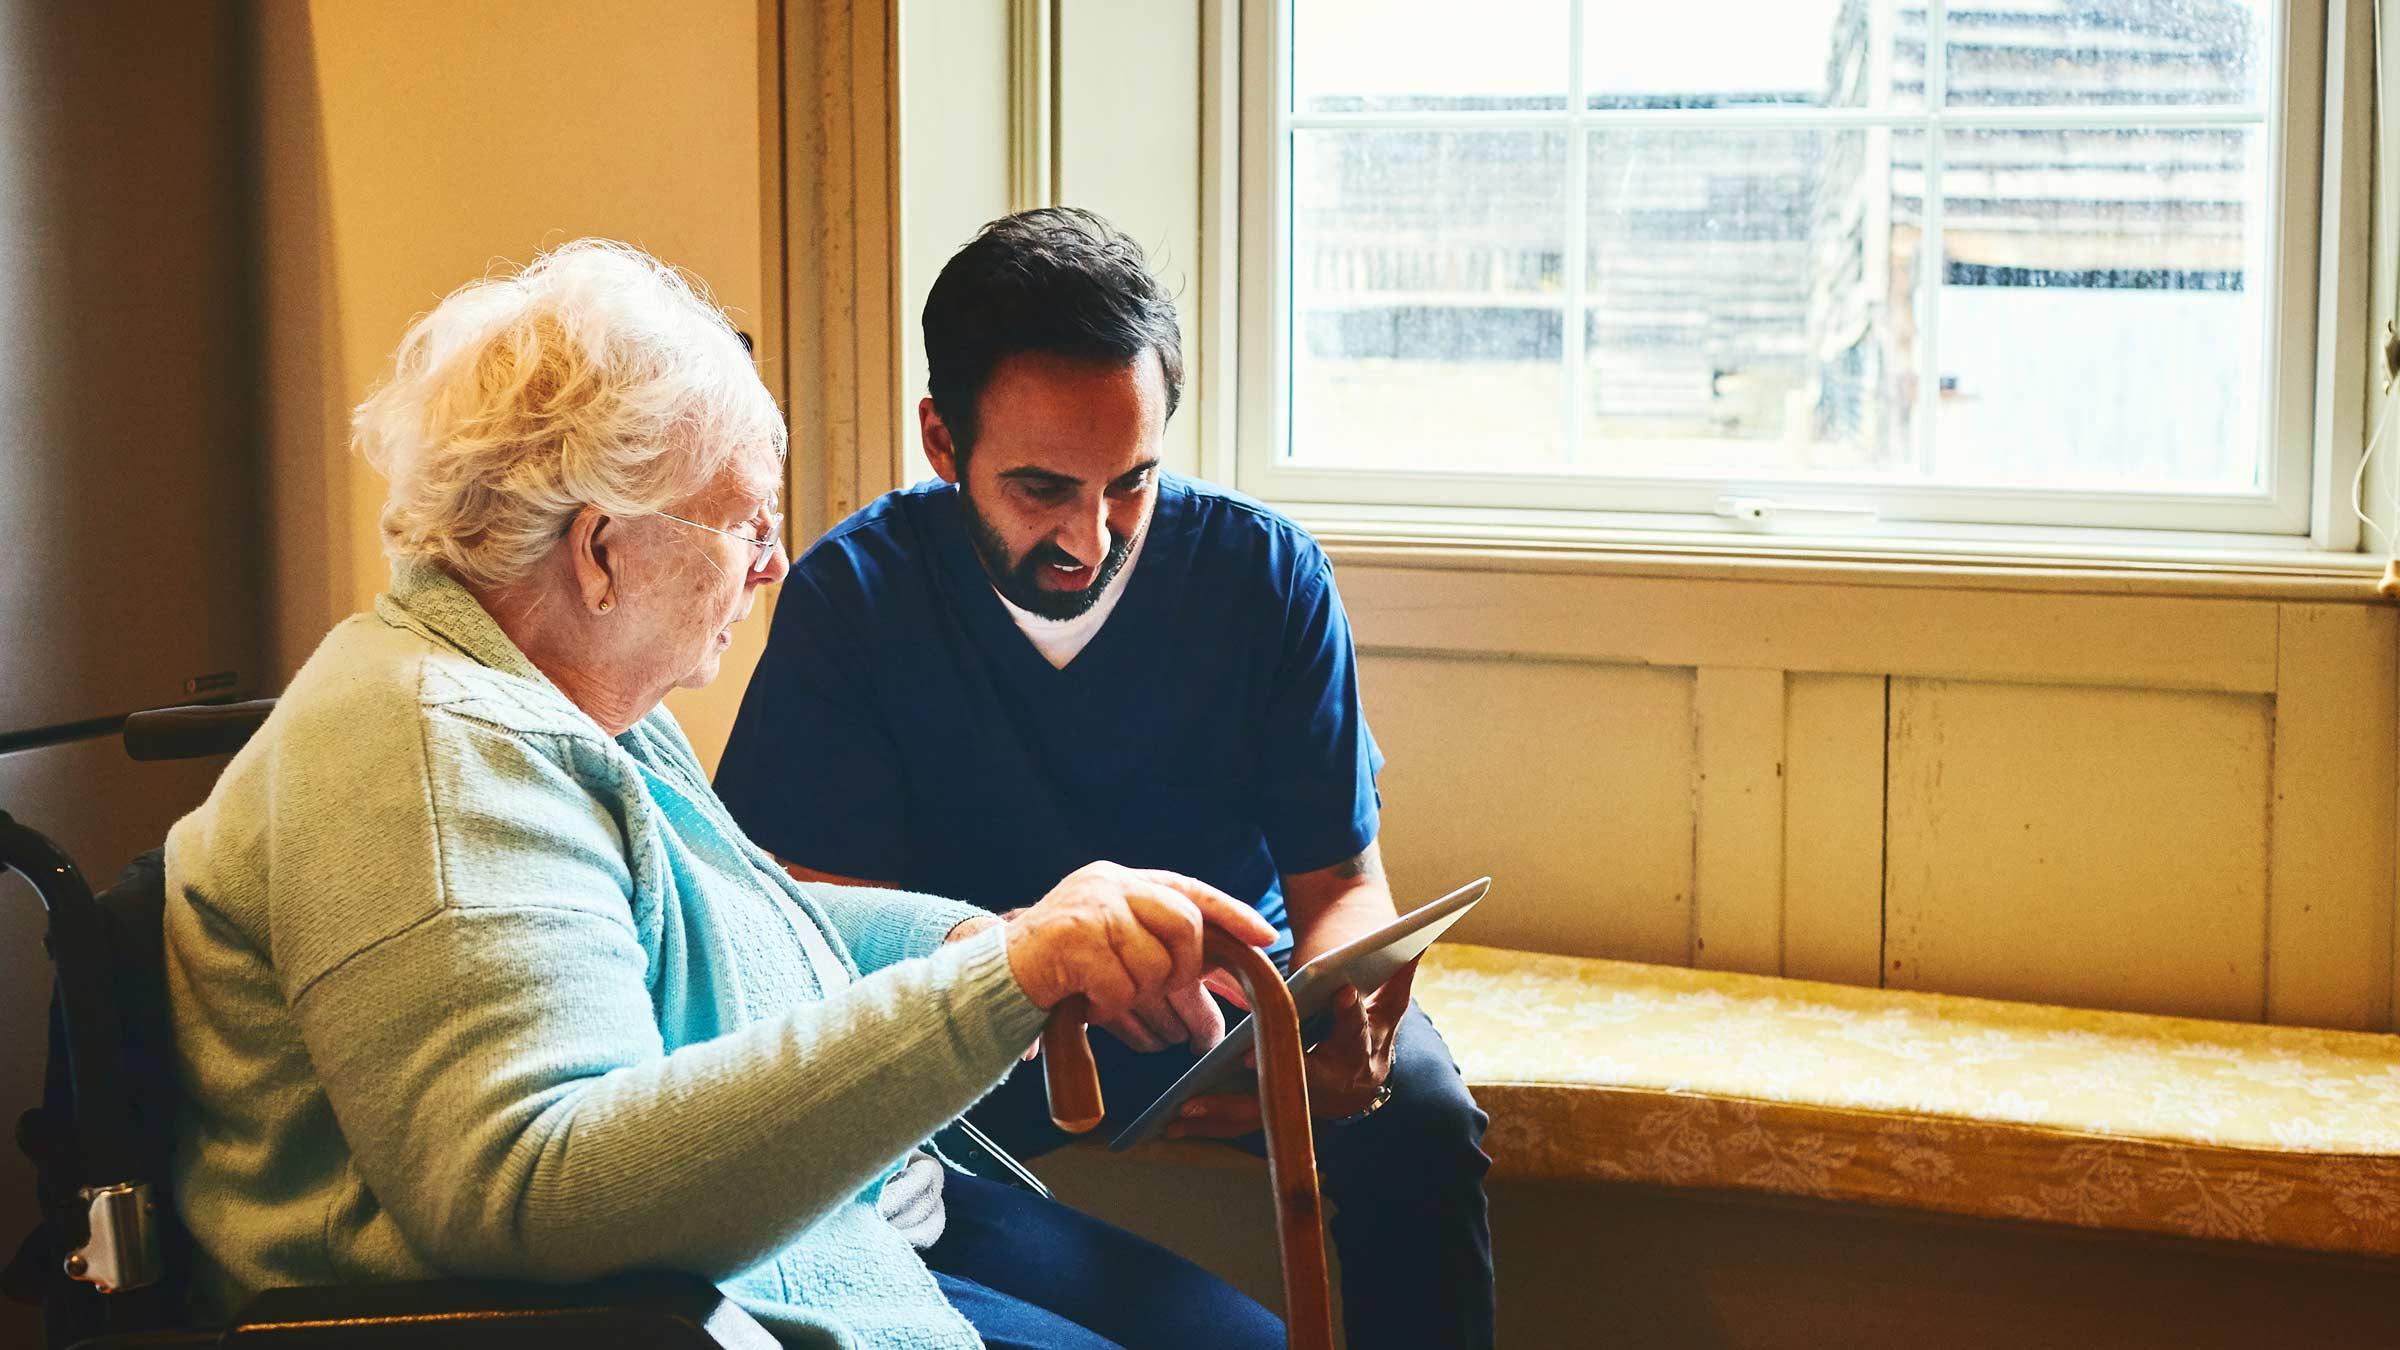 Assistenza agli anziani e tecnologia